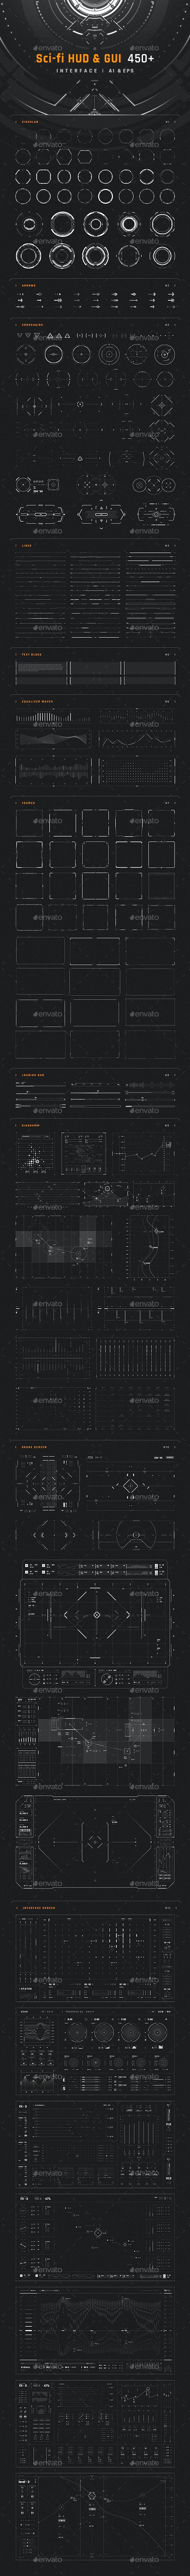 Sci-fi HUD & GUI Interface - Decorative Symbols Decorative